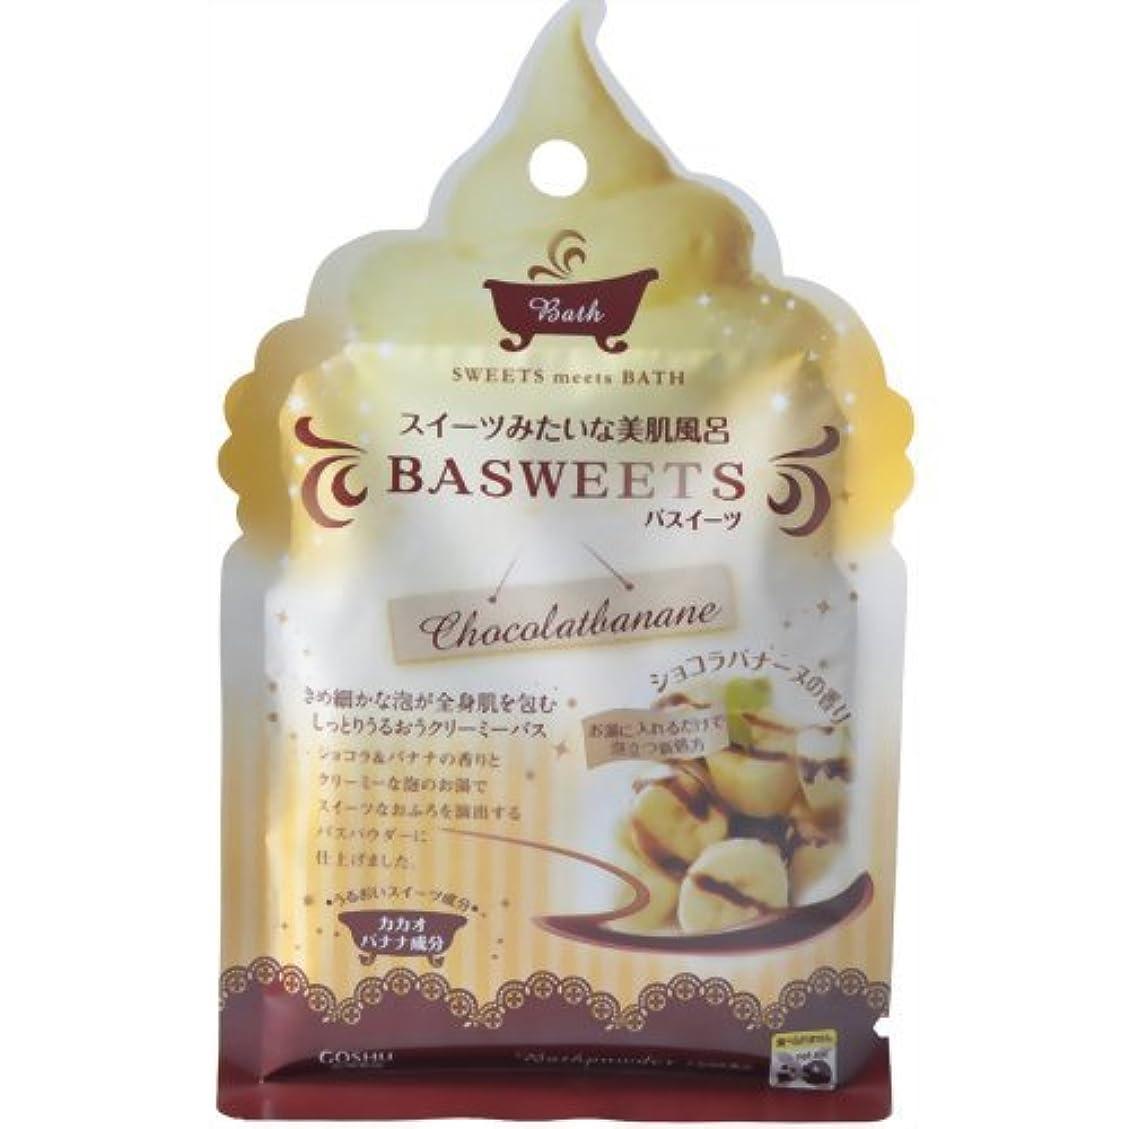 バスイーツ ショコラバナーヌの香り 50g(入浴剤)